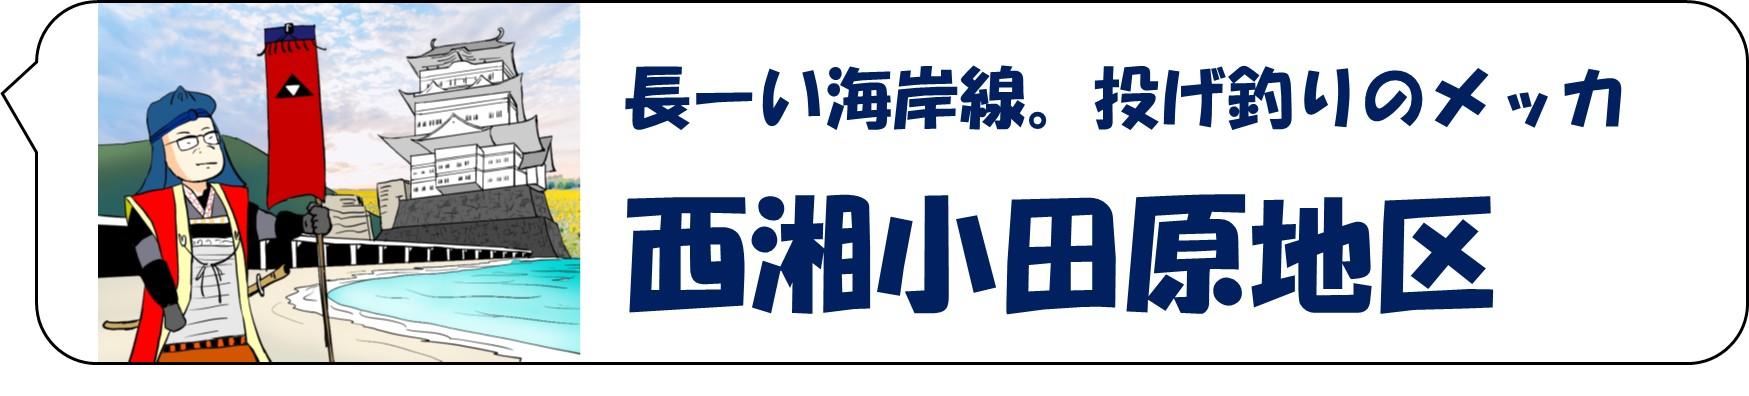 釣り場案内人サトシ! 西湘小田原地区の釣り場